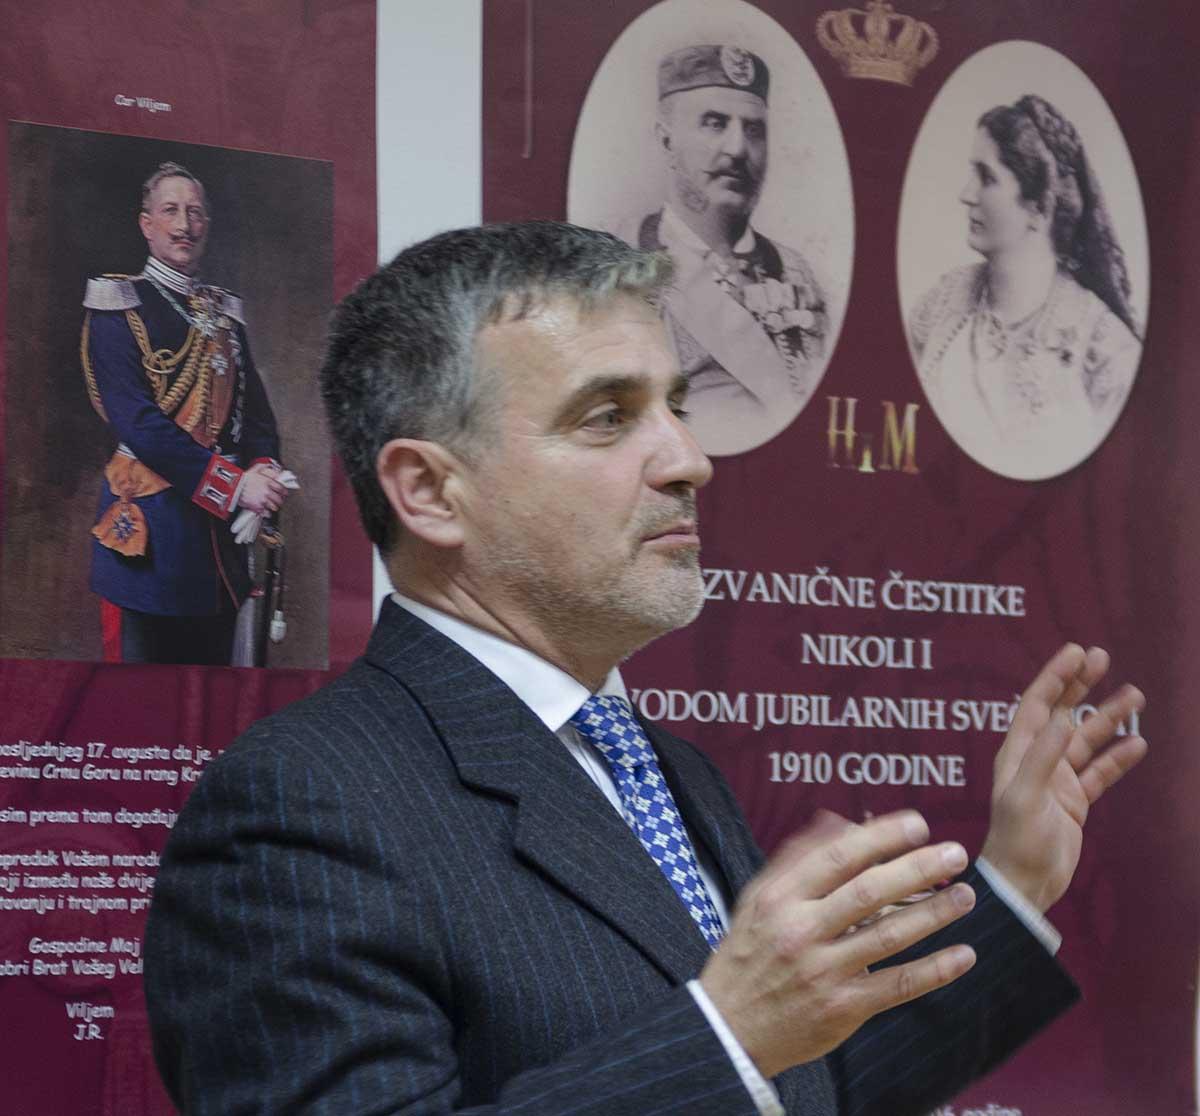 Izlozba U Crnogorskom Domu (2)